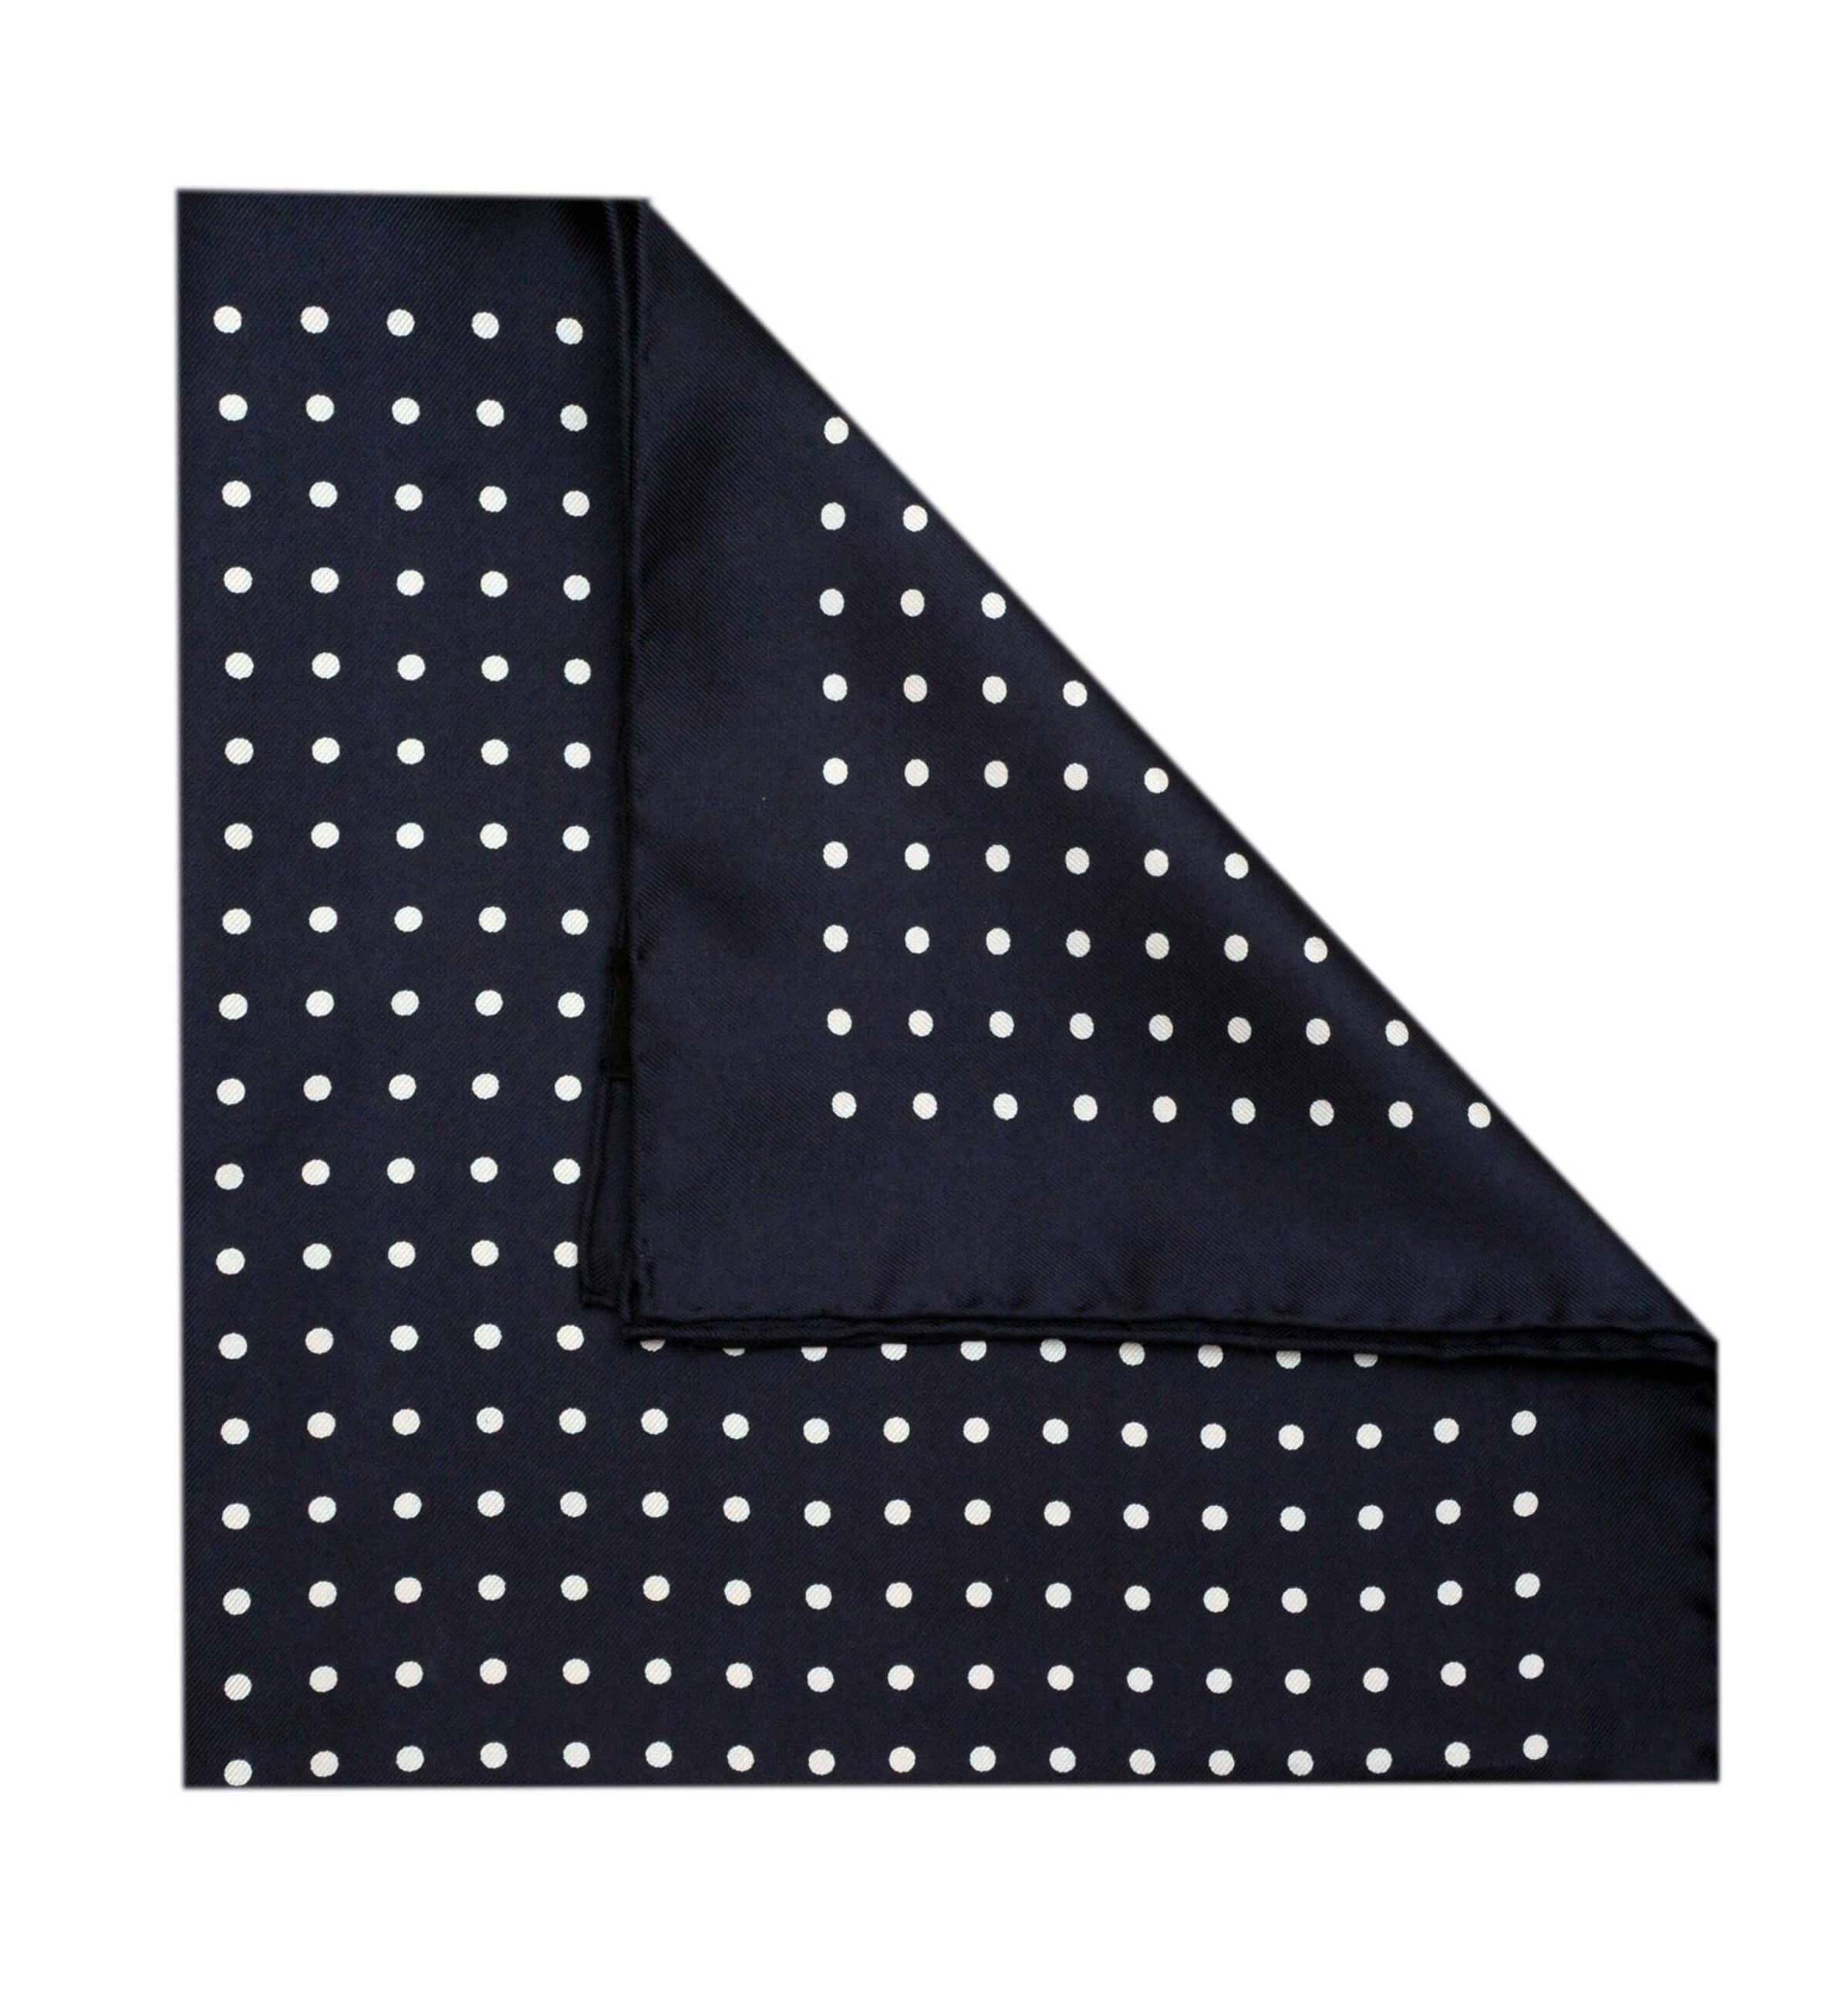 Jack - Polka Dot Silk Pocket Square in Navy with White Spots